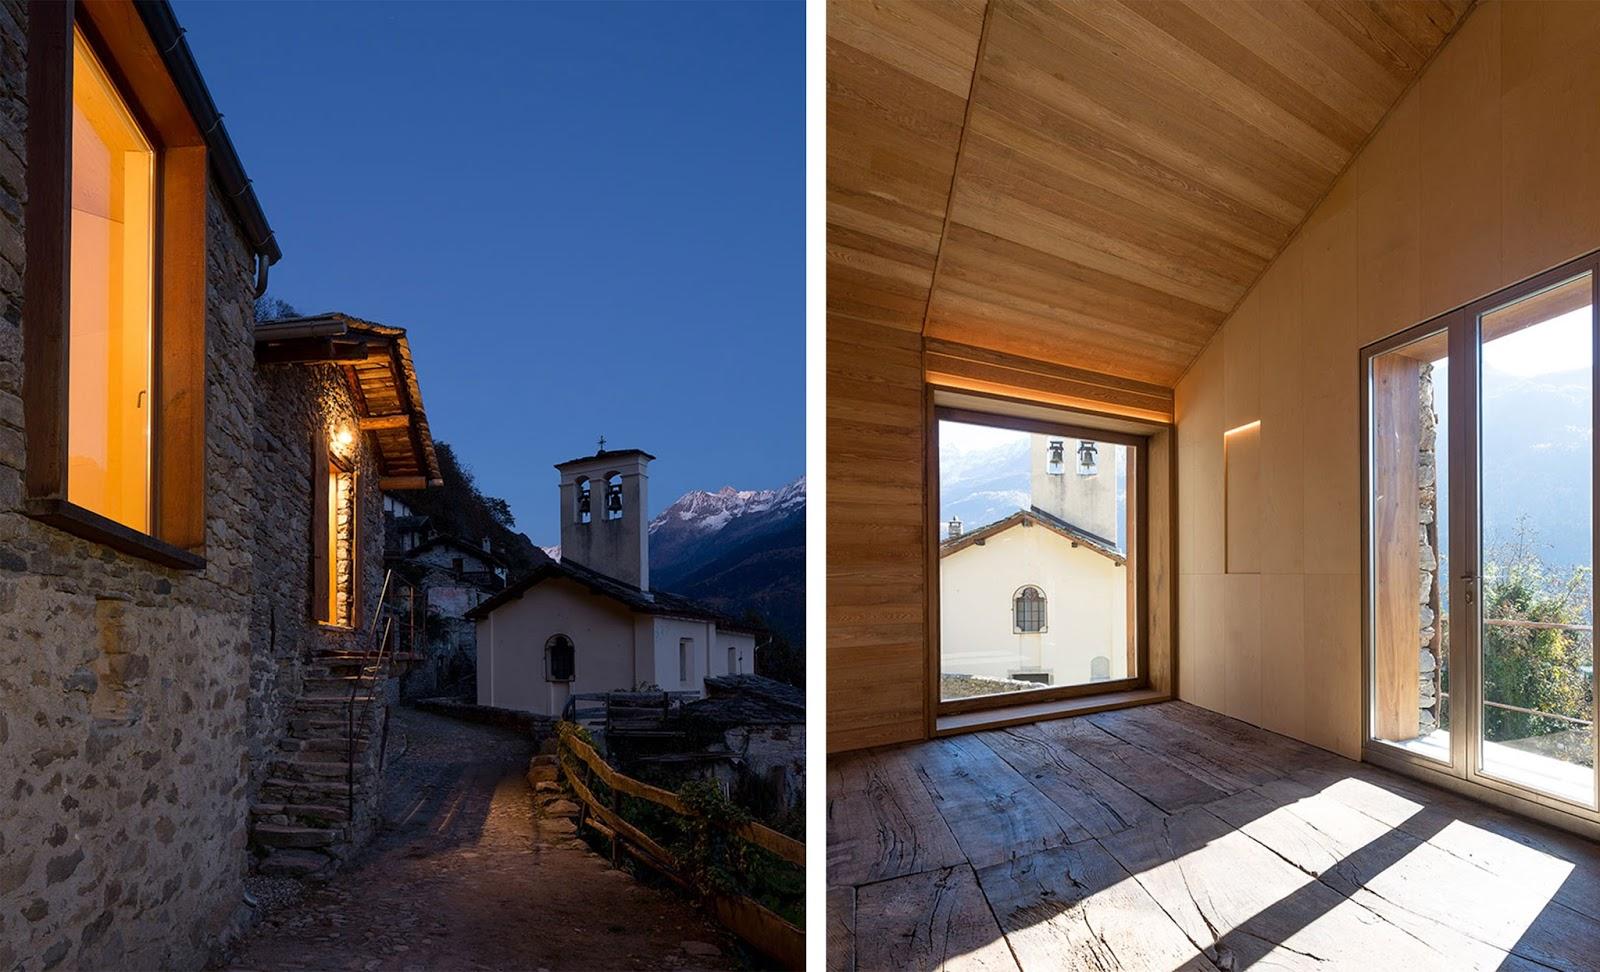 Casa in montagna con muratura in pietra in italia by for Case interni rustici